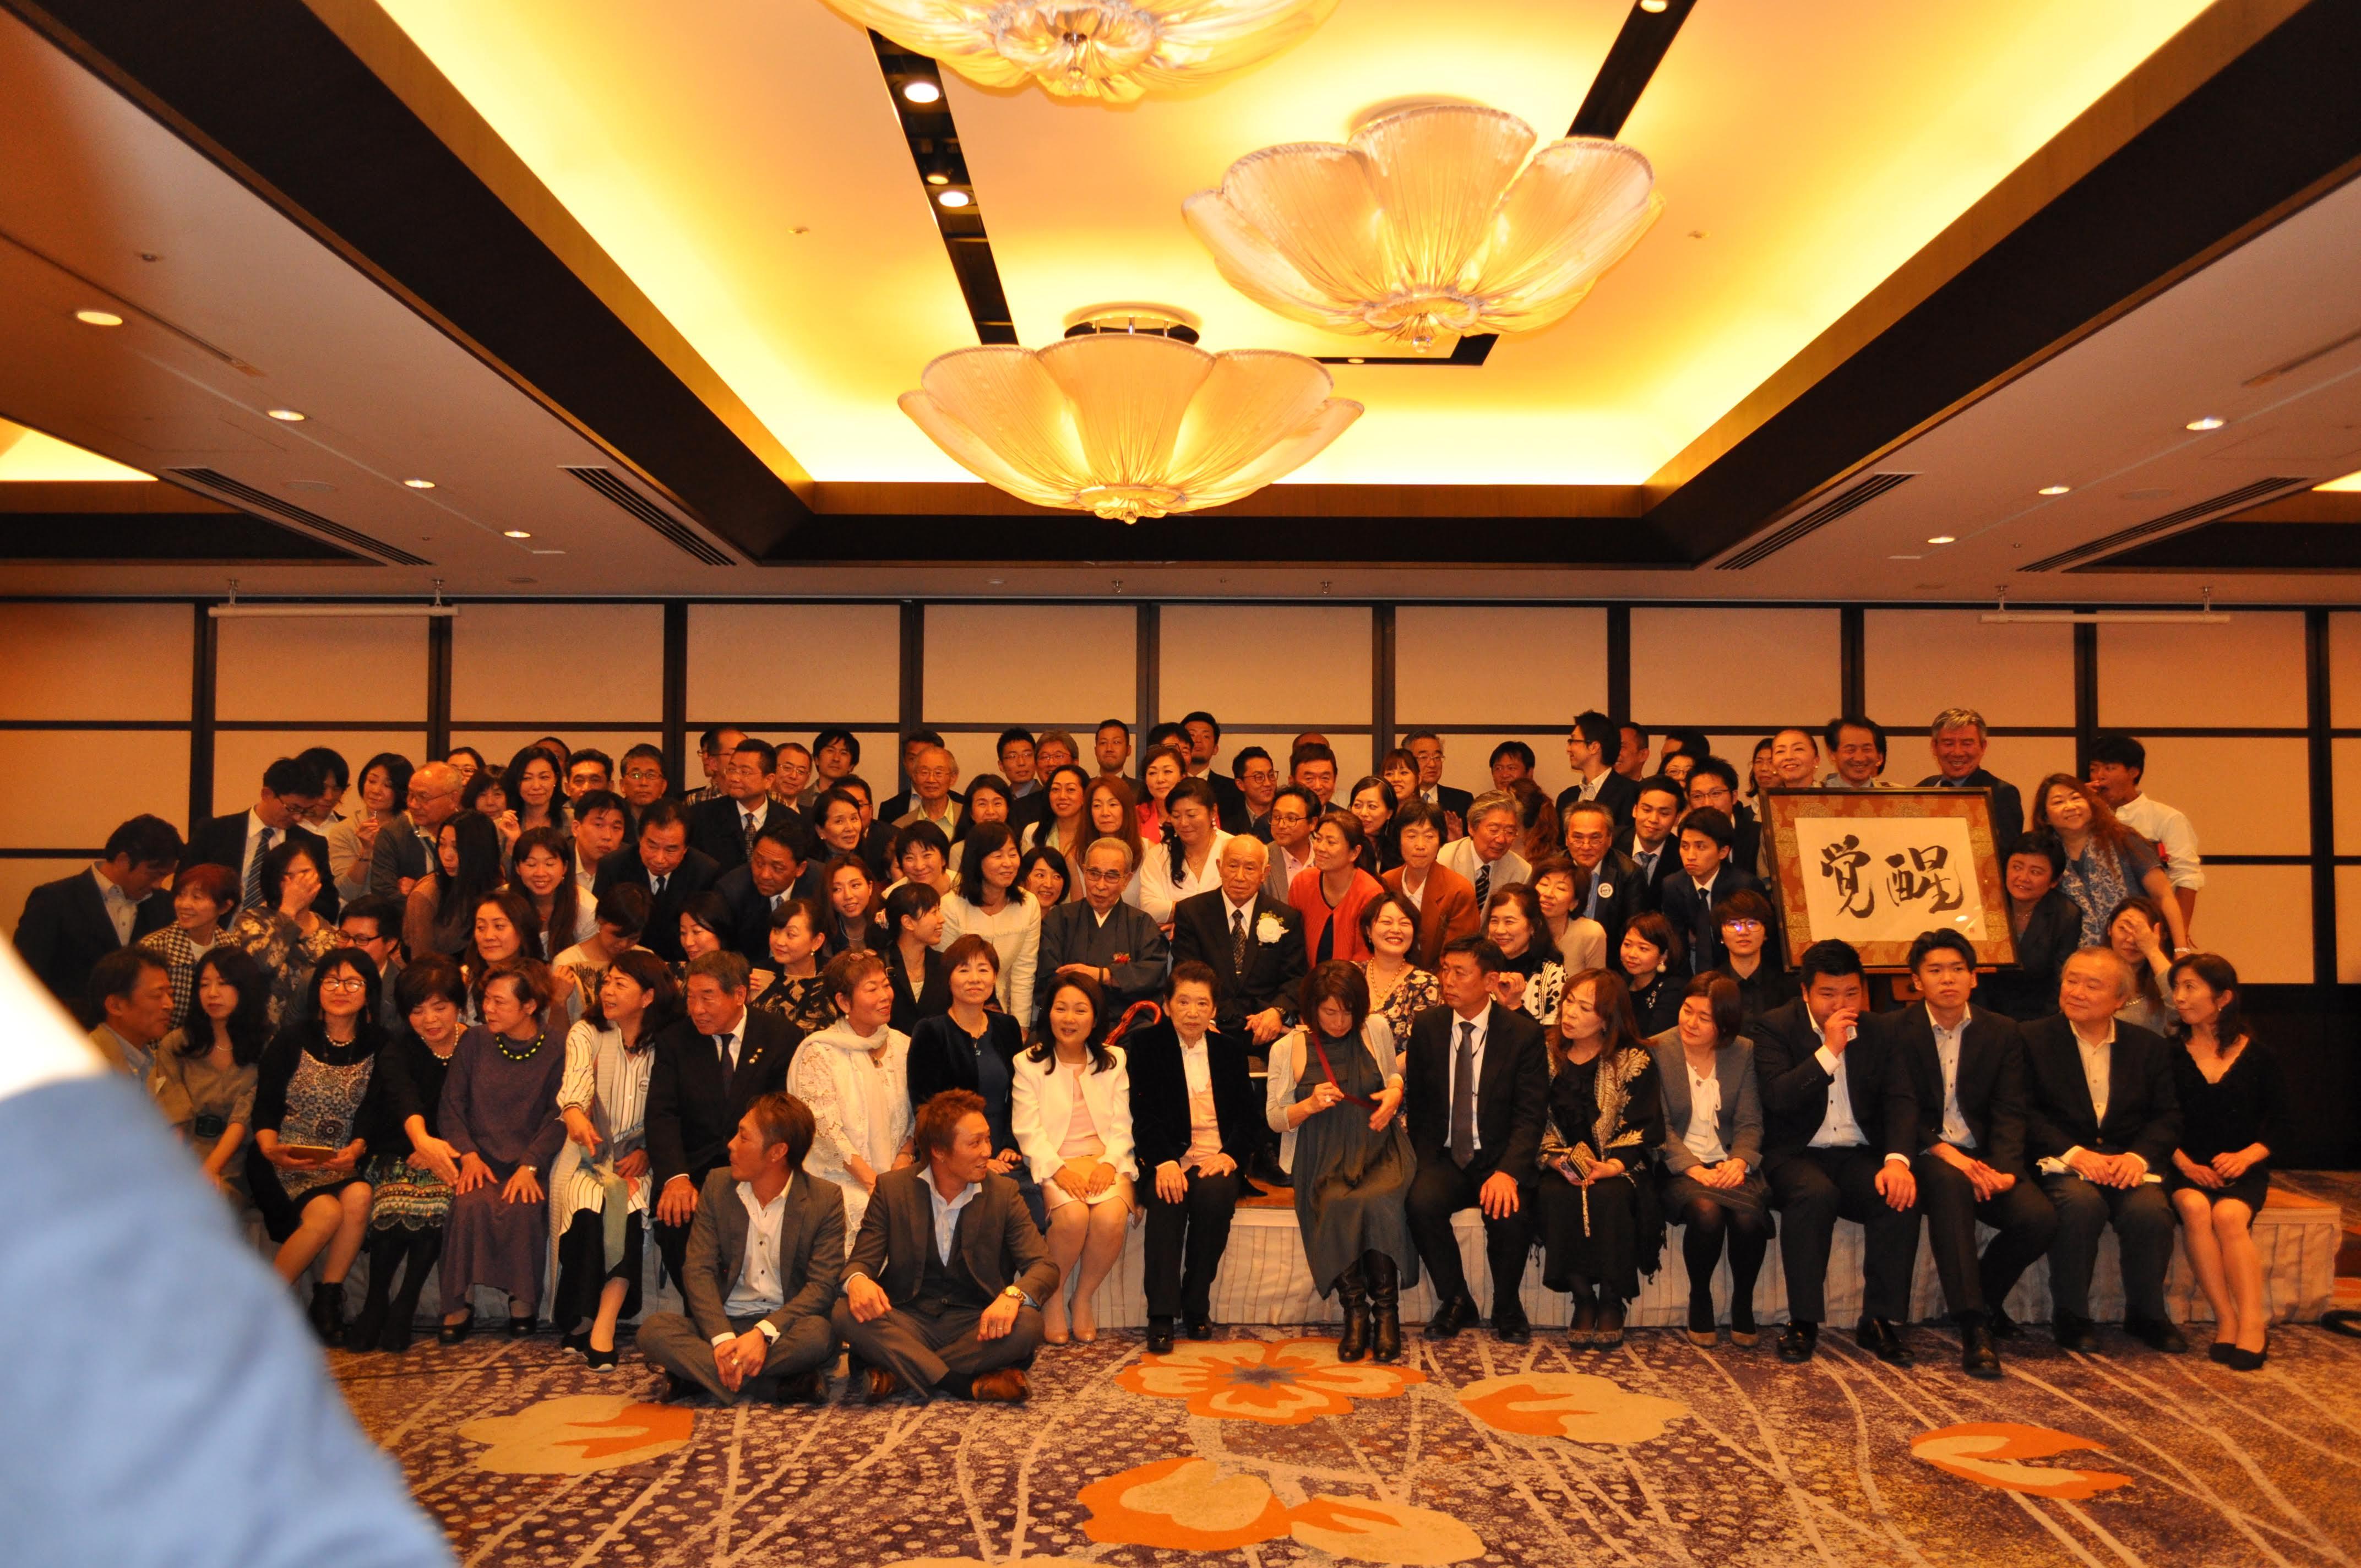 DSC 0603 1 - 思風会全国大会in広島